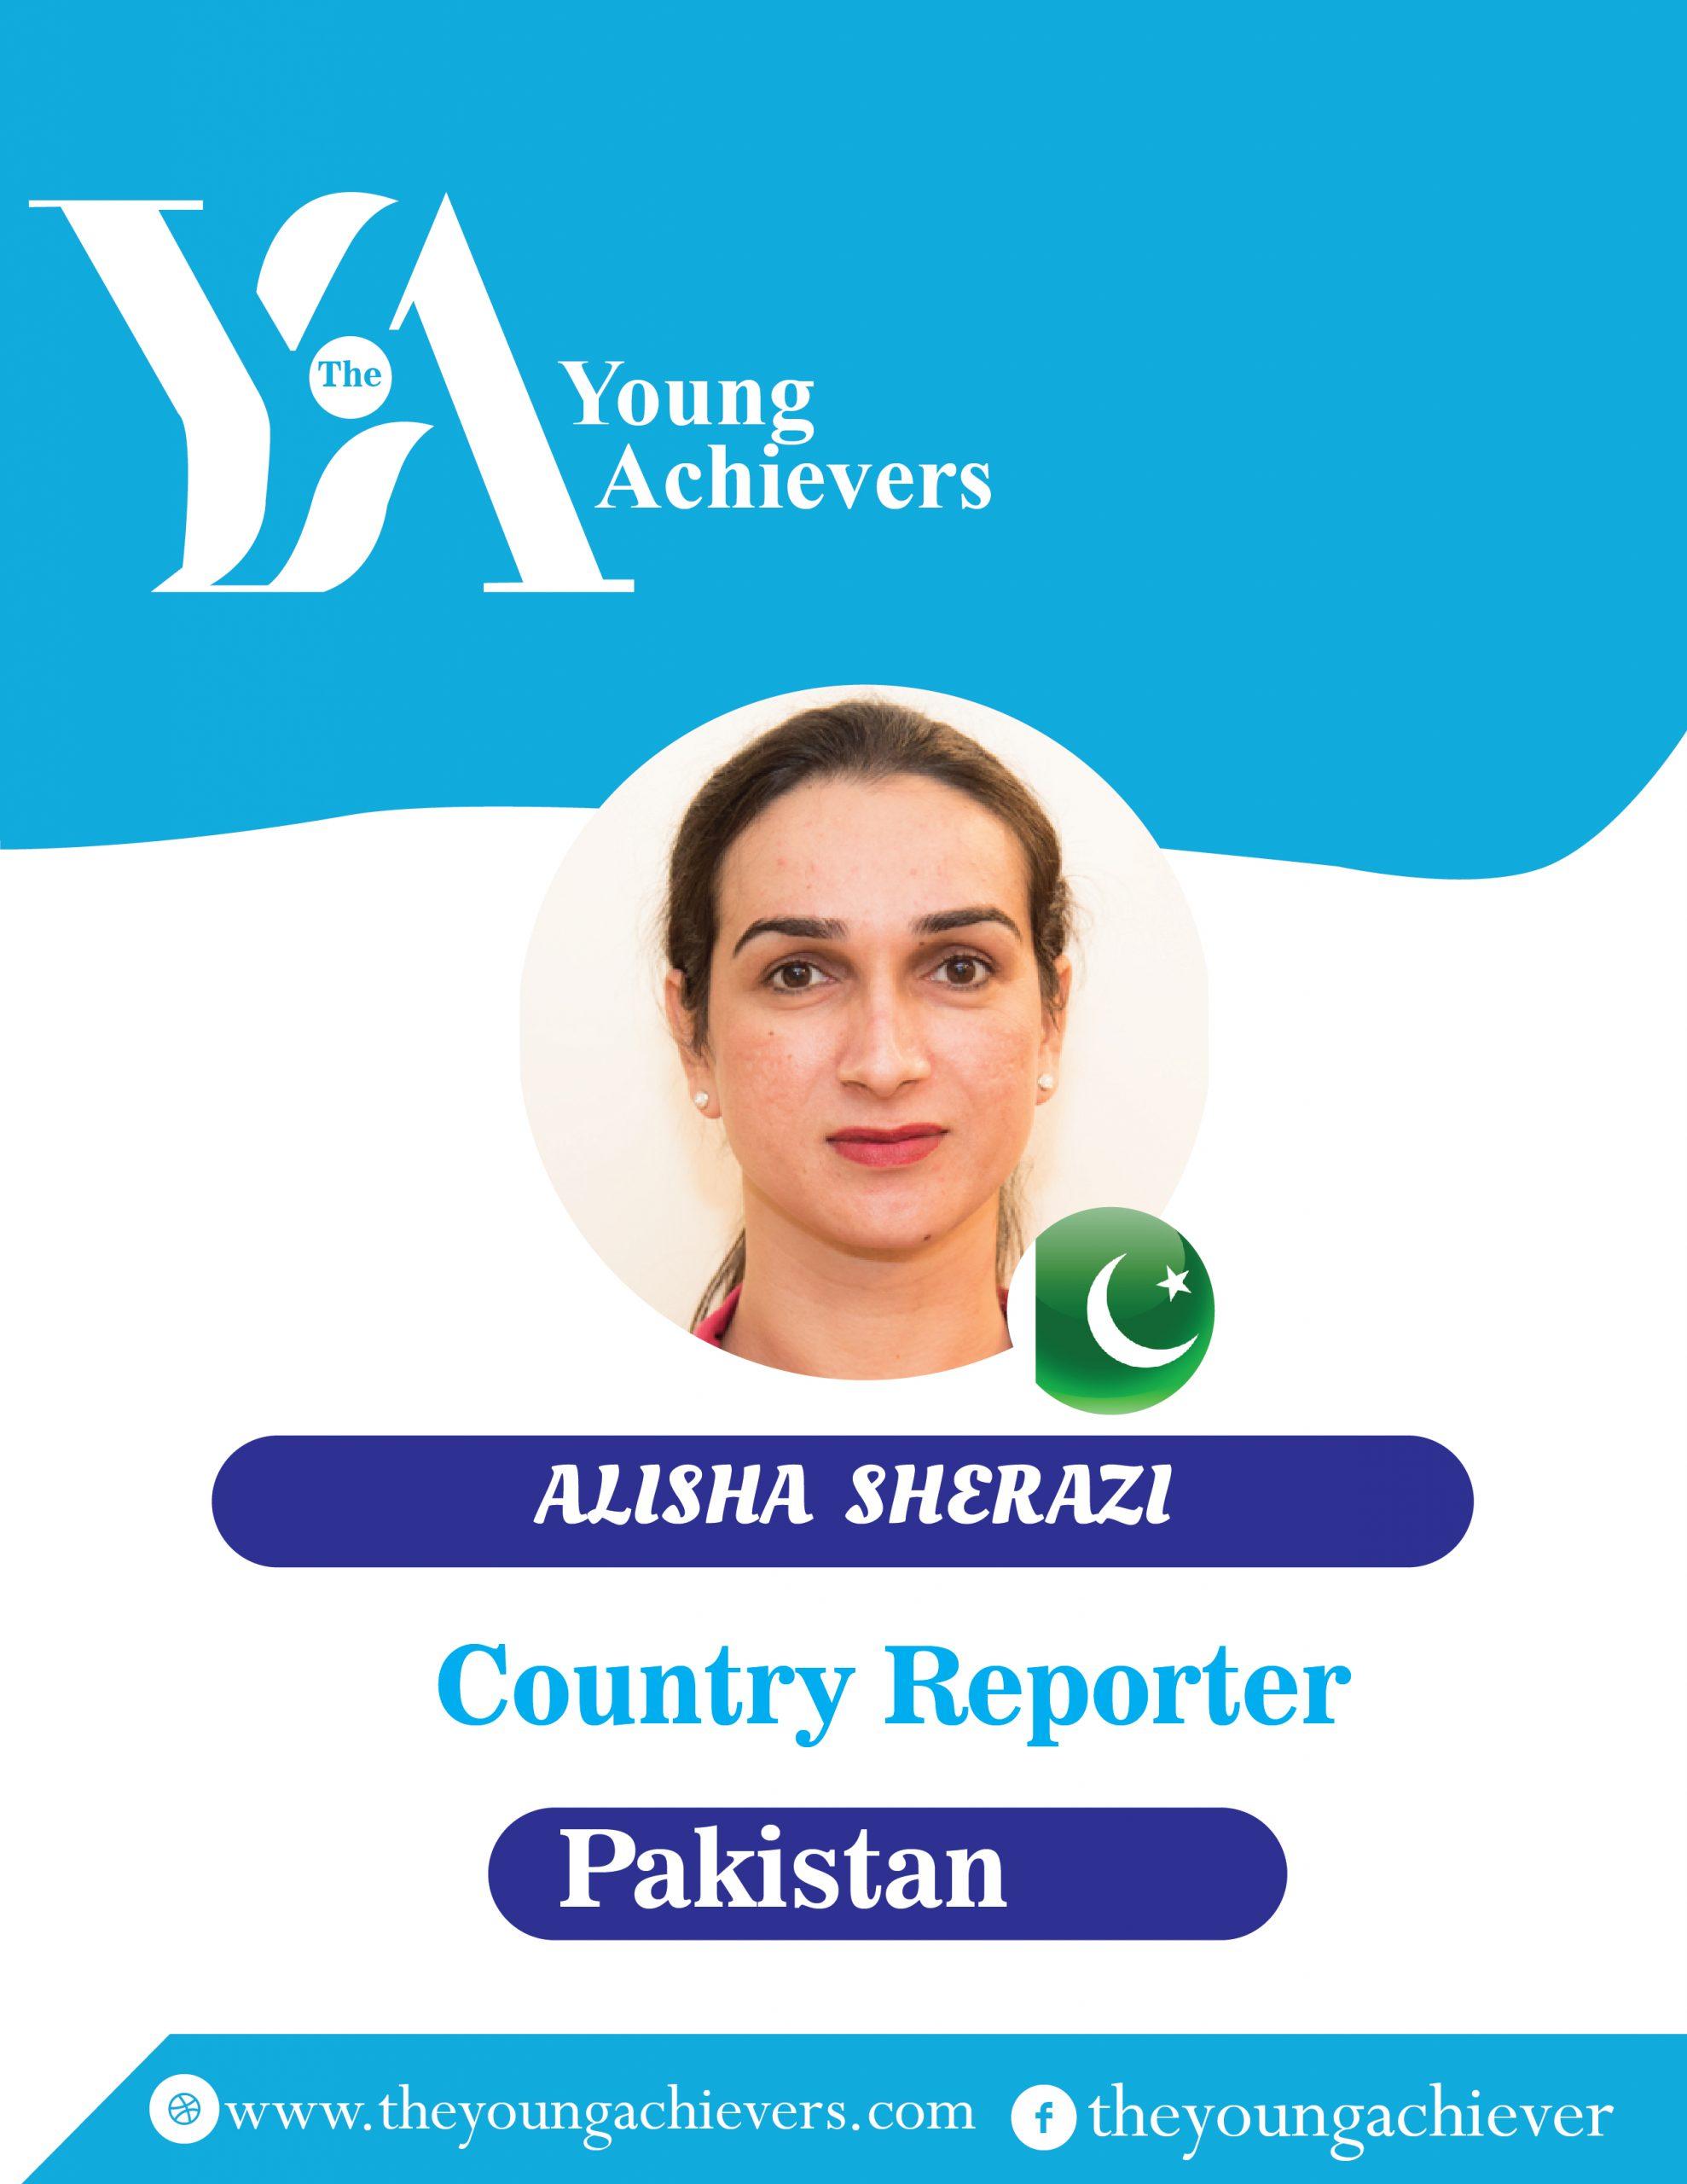 Alisha Sherazi